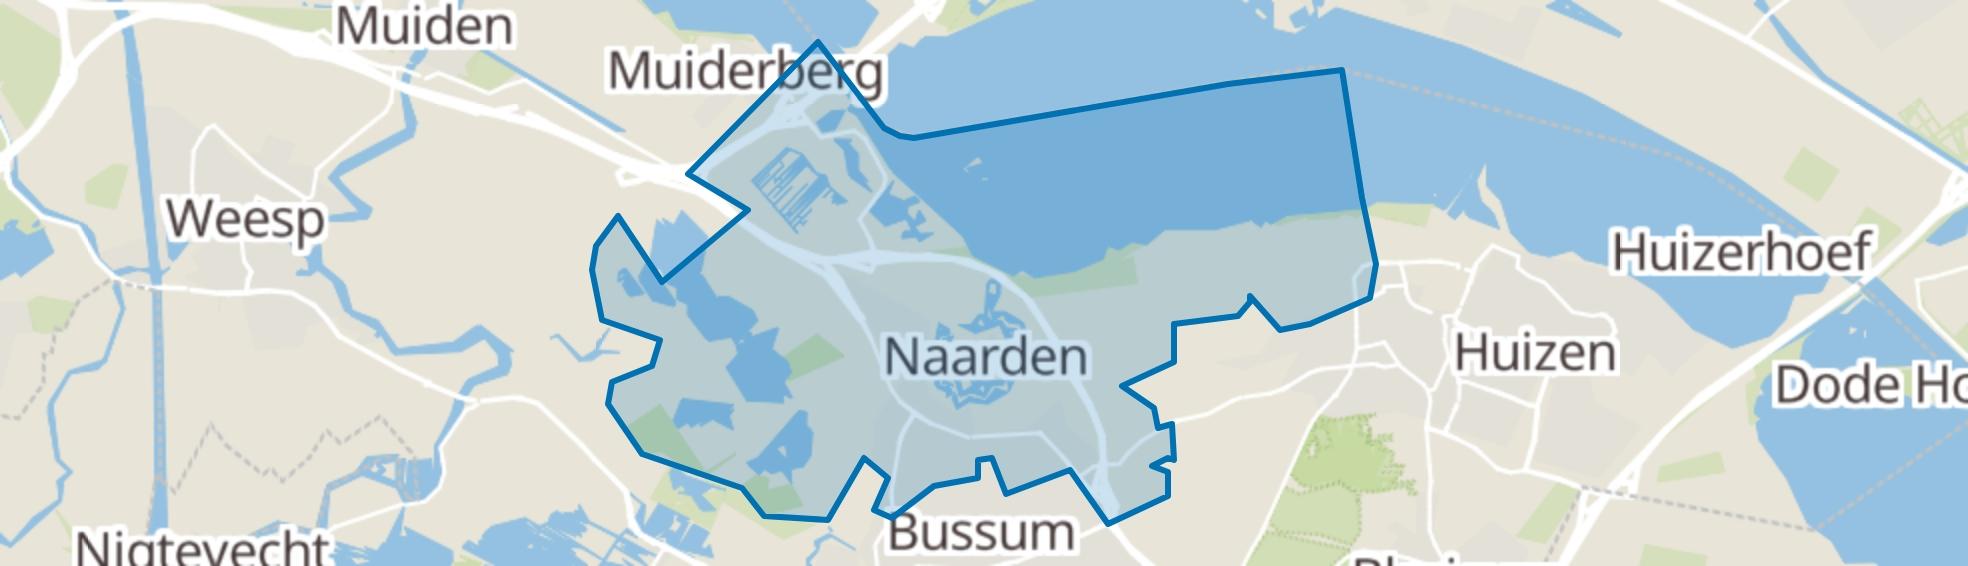 Naarden map